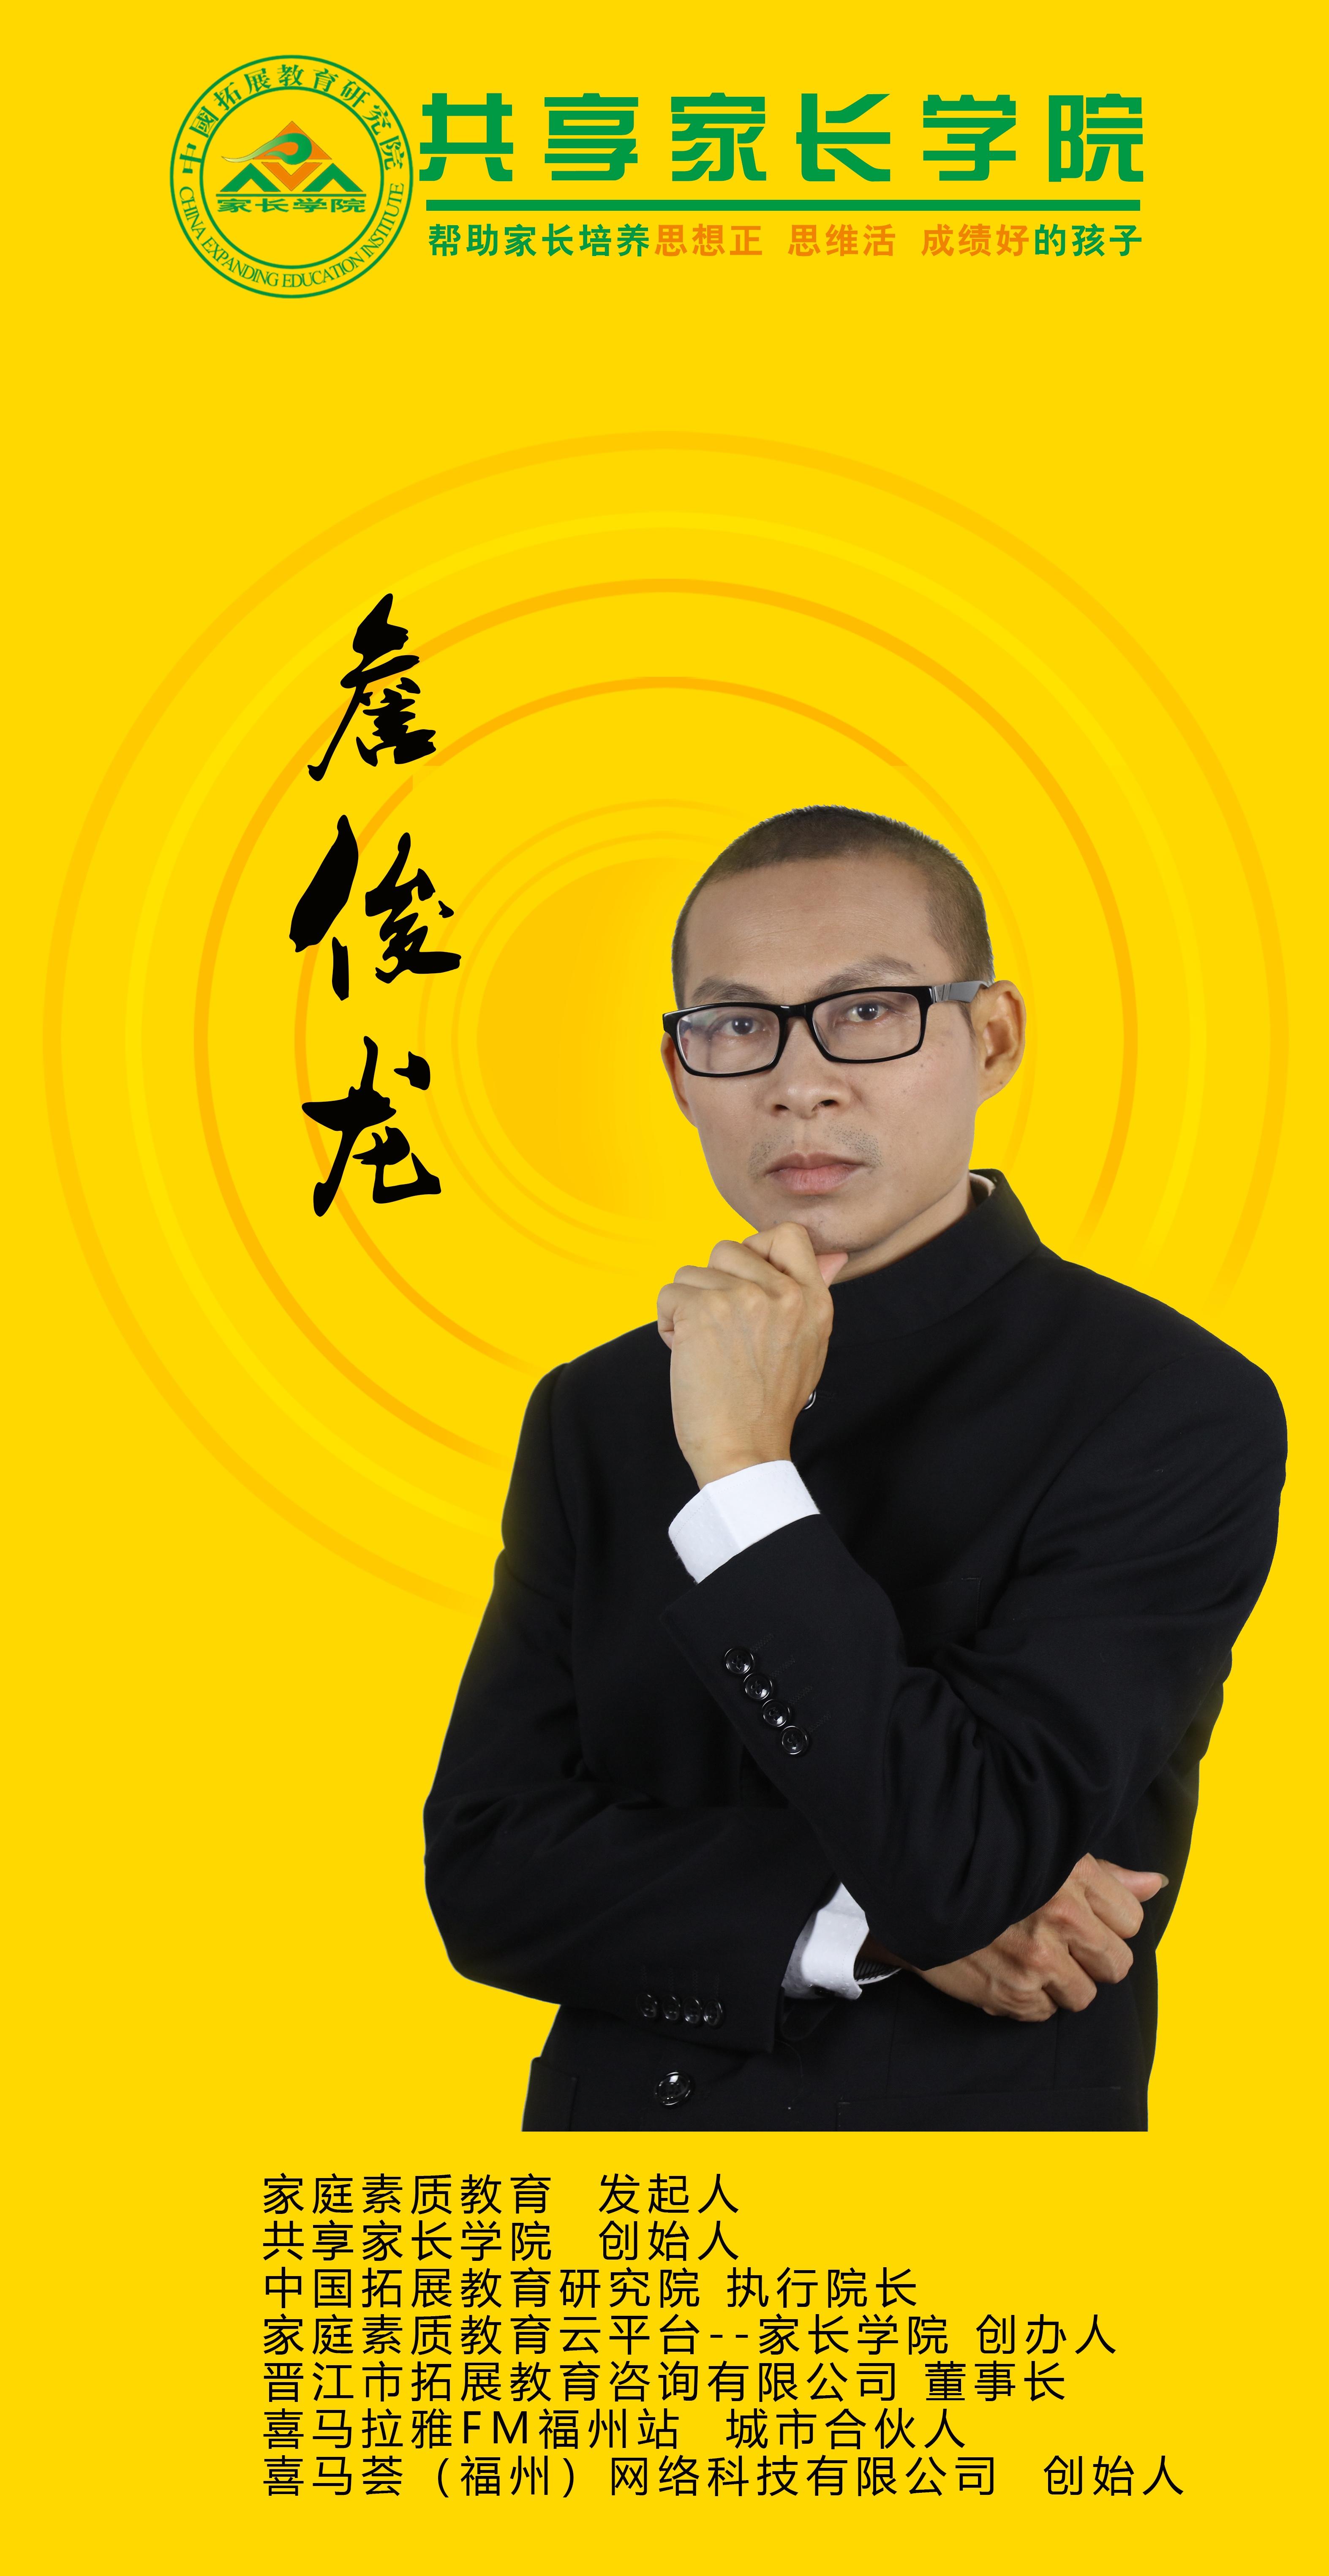 """共享家长学院创始人詹俊龙和他的""""奇葩""""家庭教育""""理论"""""""